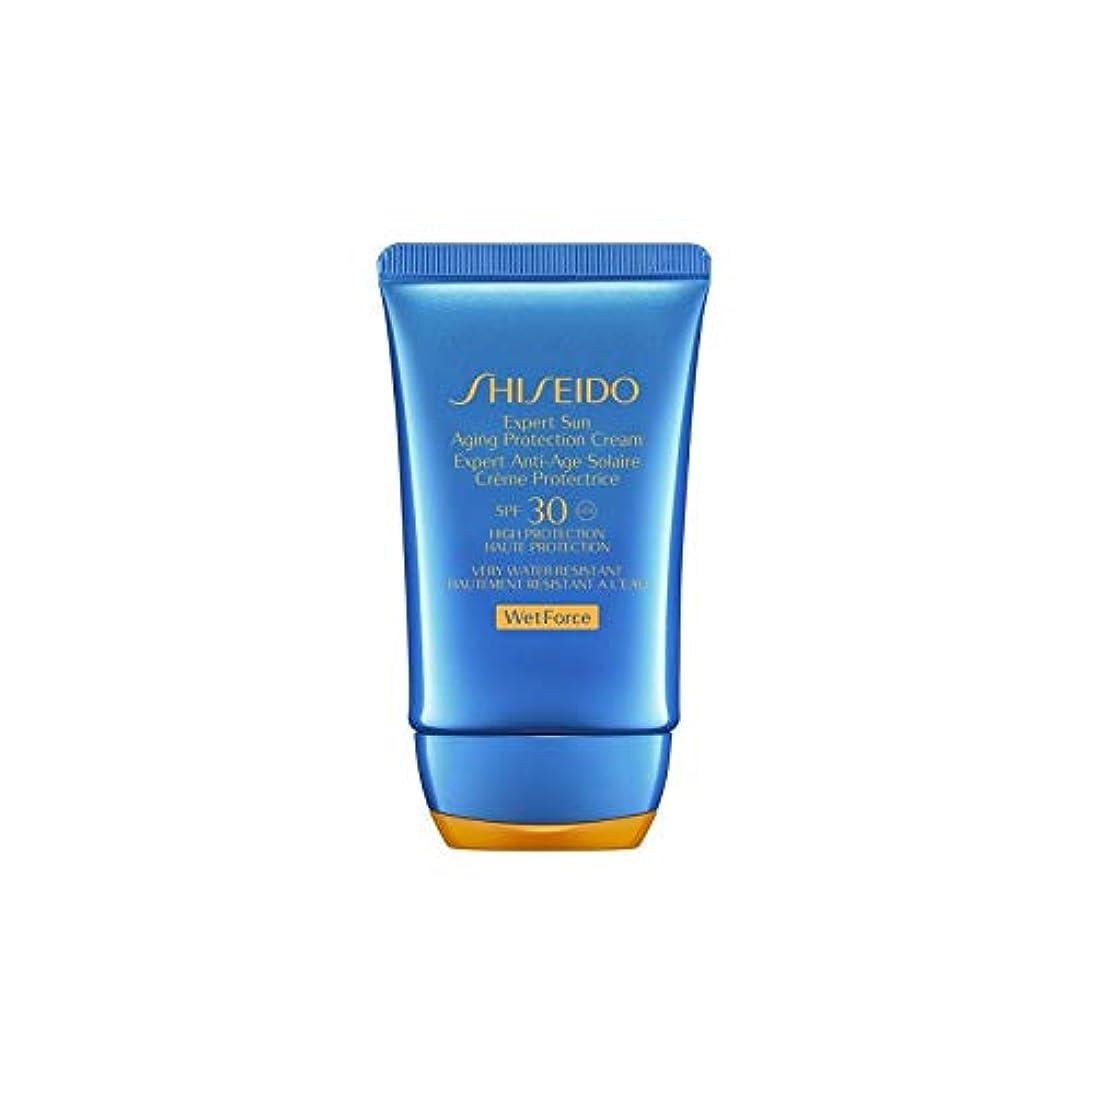 あなたは運賃怪物[Shiseido] 資生堂濡れ力の専門家太陽の老化防止クリームSpf30(50ミリリットル) - Shiseido Wet Force Expert Sun Aging Protection Cream Spf30 (...